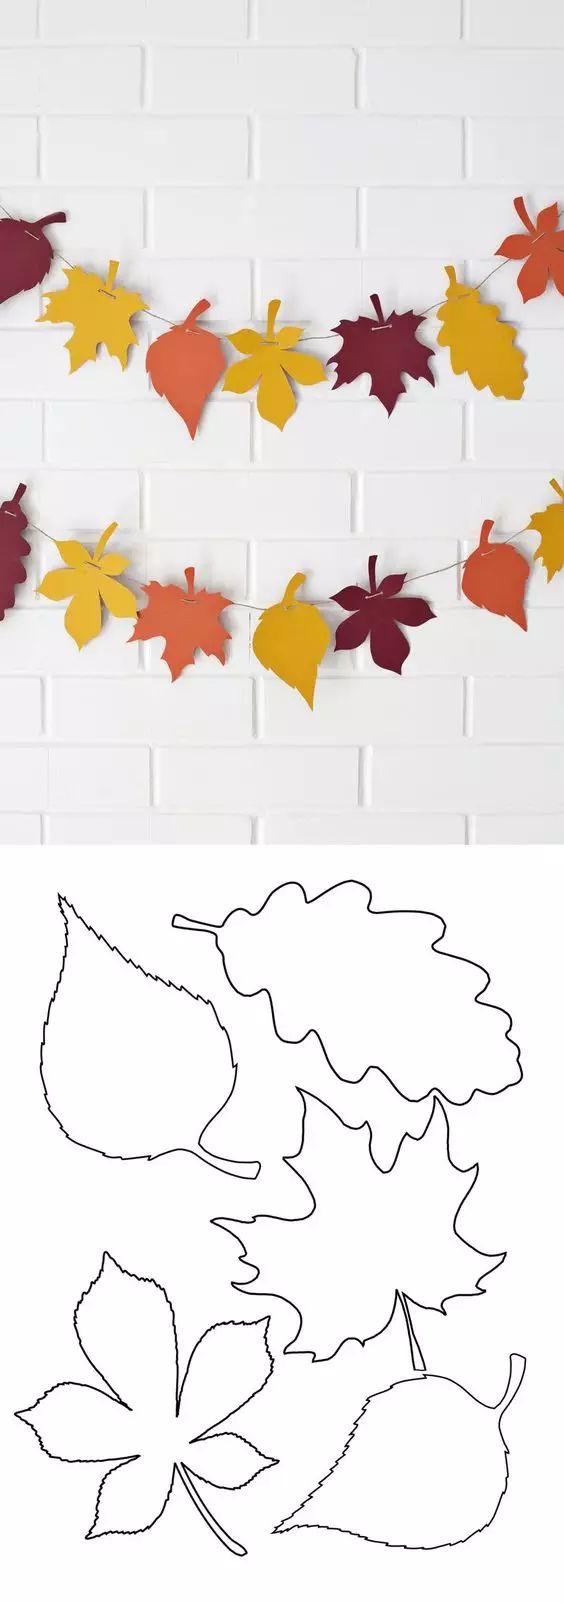 Faça você mesmo a decoração de outono – 15 idéias de artesanato DIY para a terceira temporada   – Basteln herbst